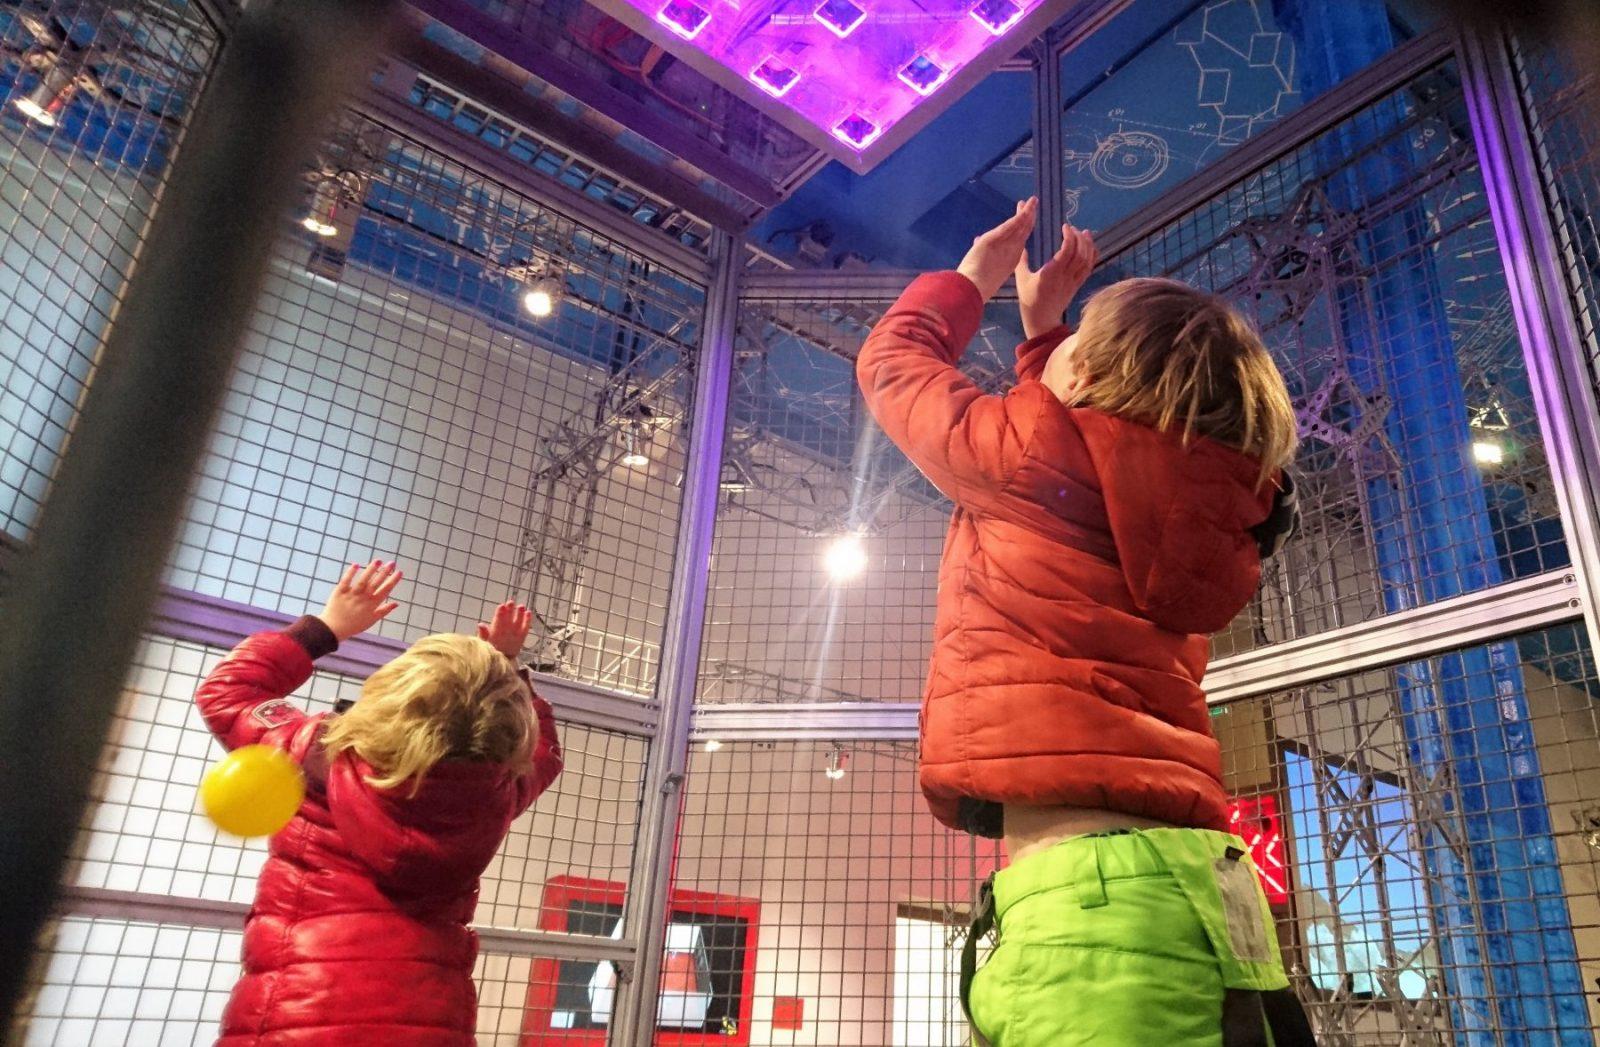 Science Center Delft - ballen vangen